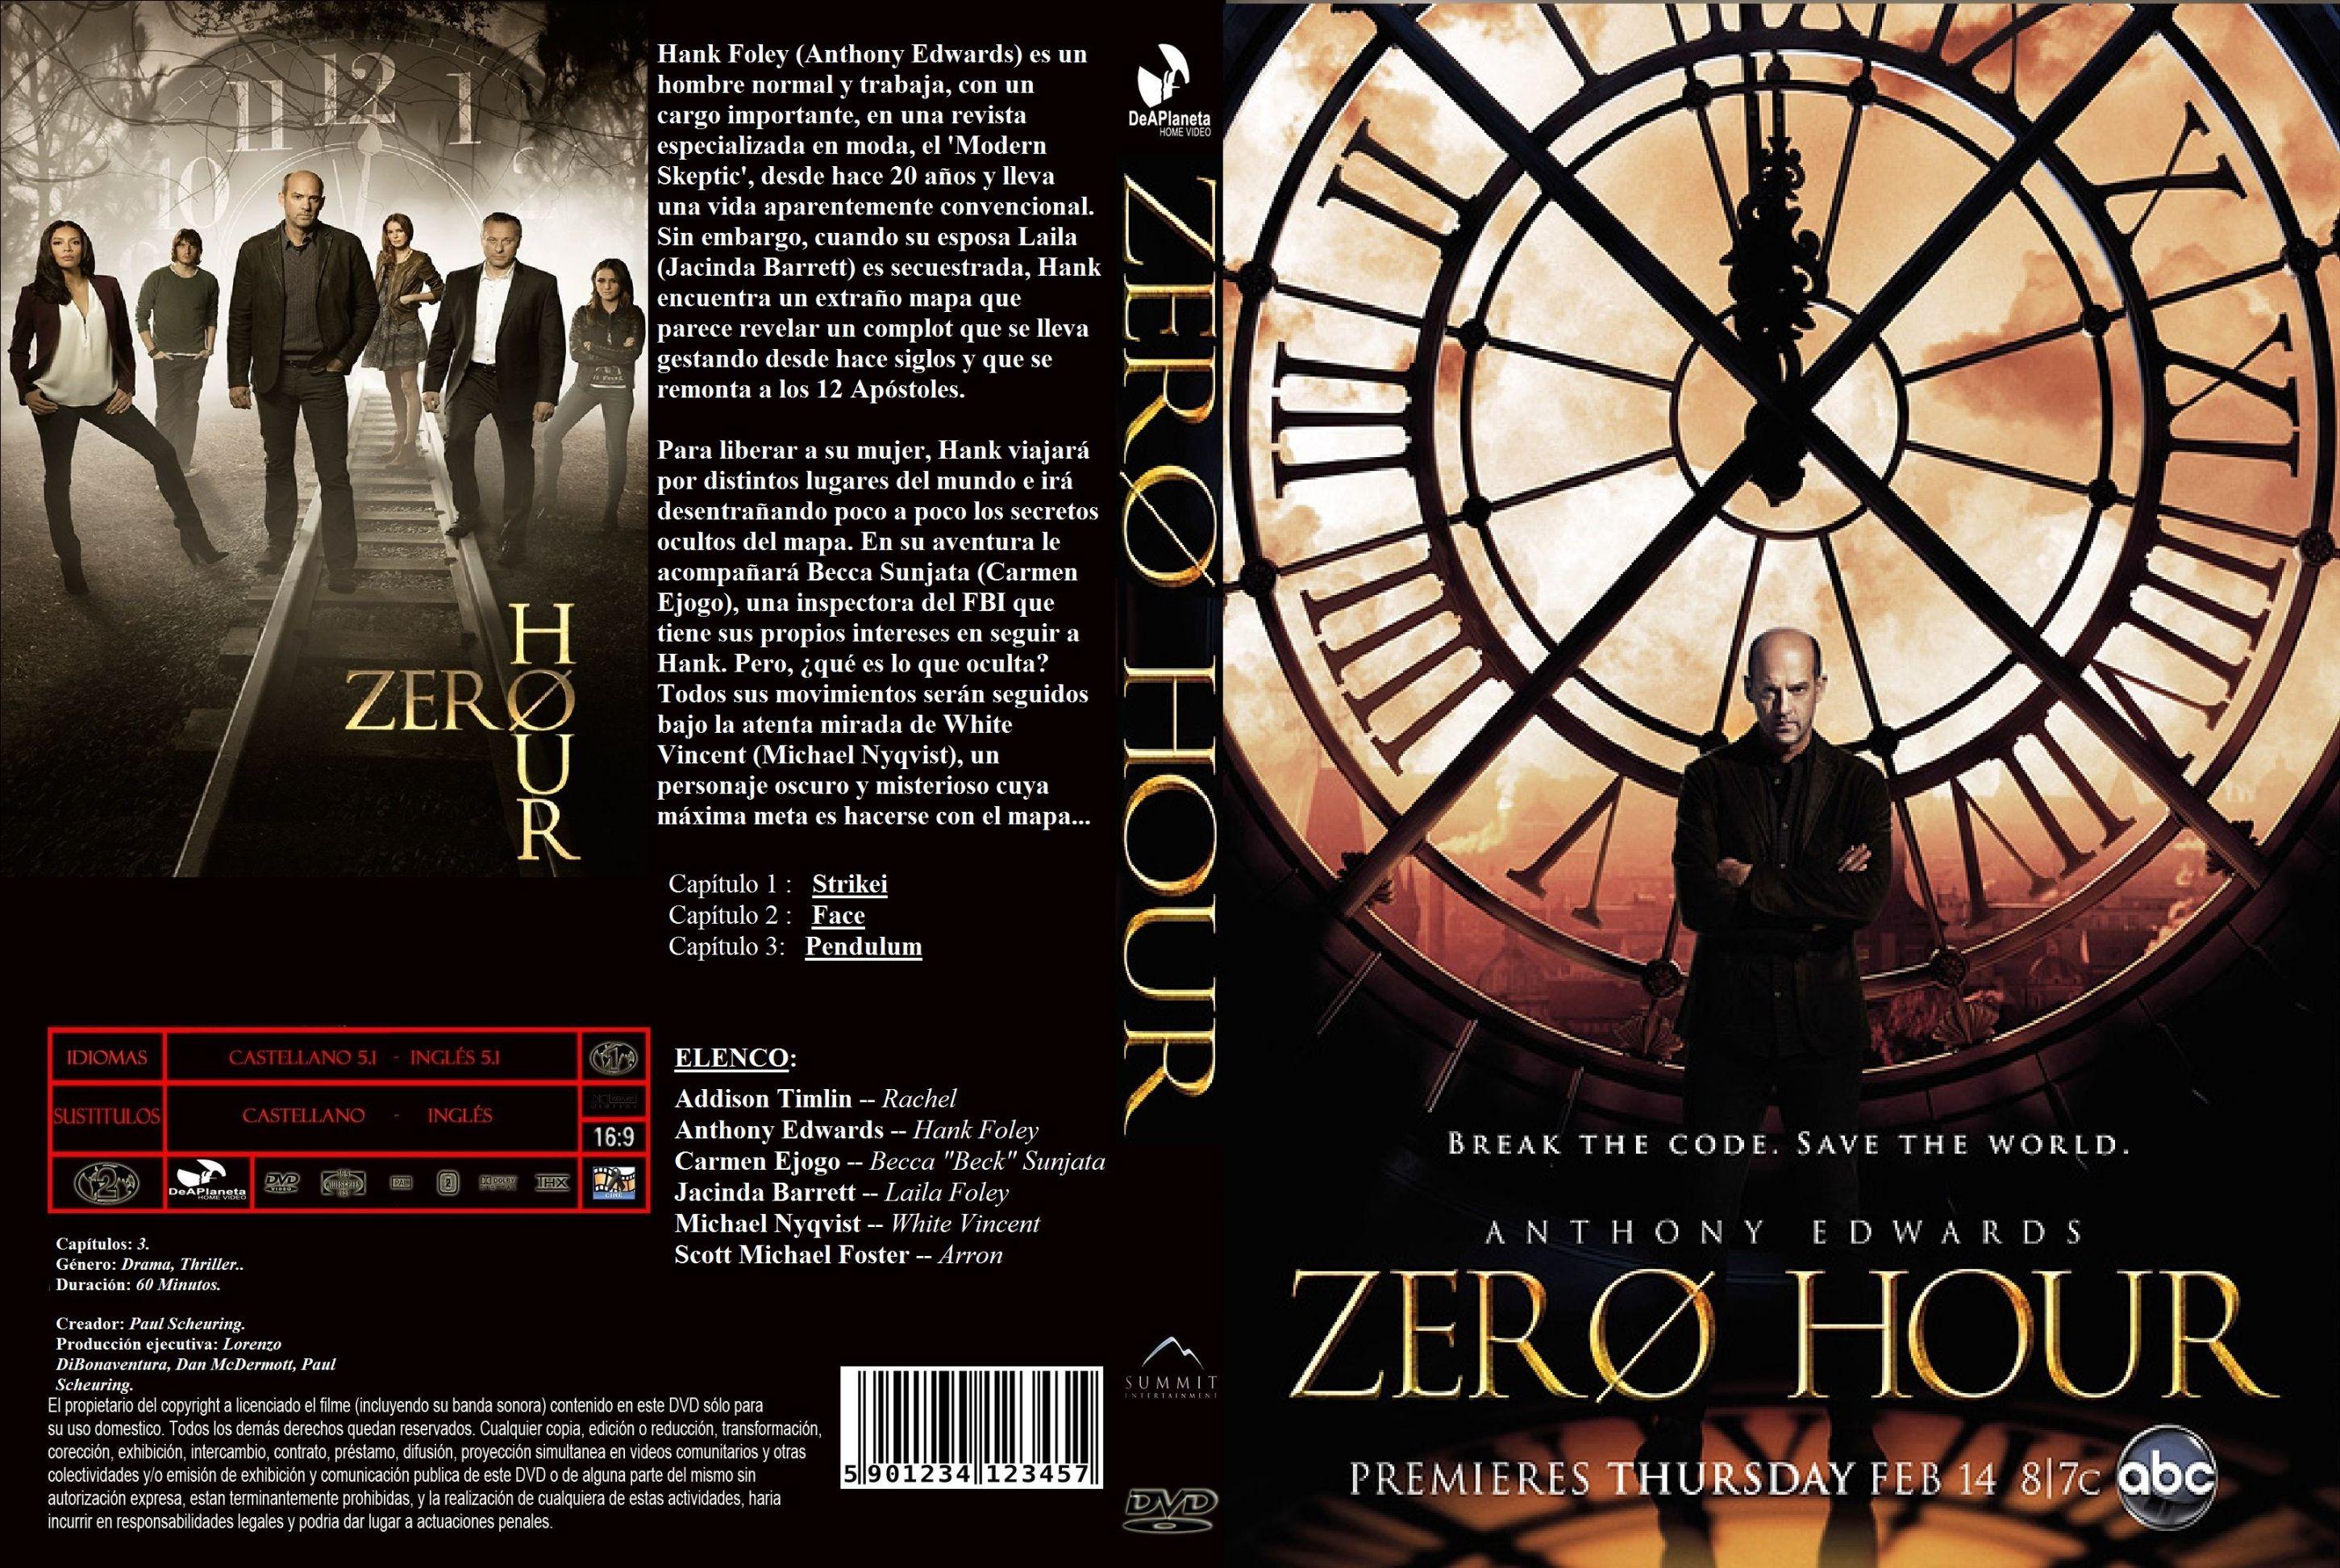 کفر در سریال ساعت صفر